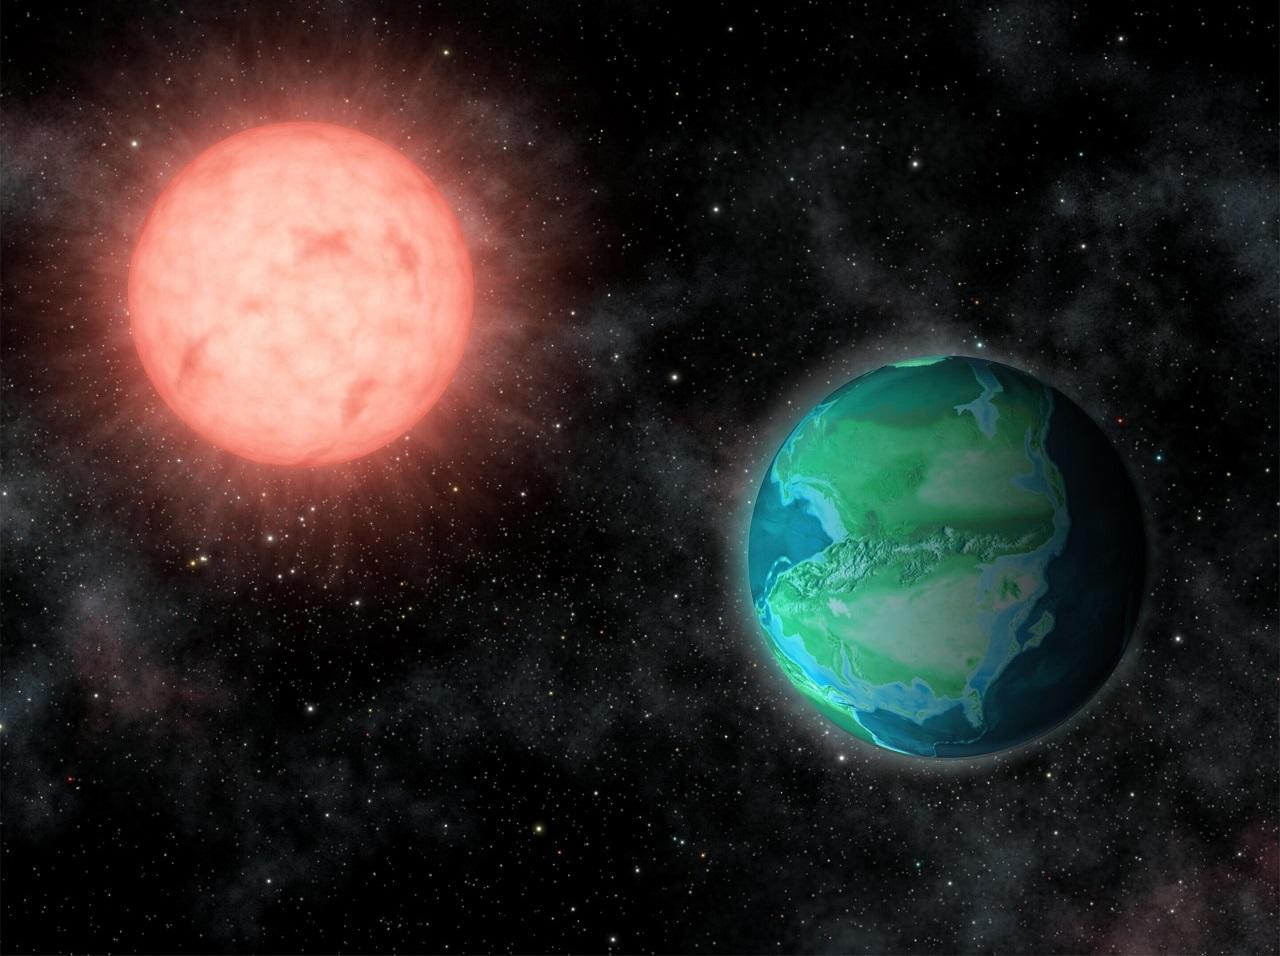 მეზობელ ეგზოპლანეტებზე სიცოცხლე შესაძლოა, სწორედ ახლა ვითარდება - ახალი კვლევა